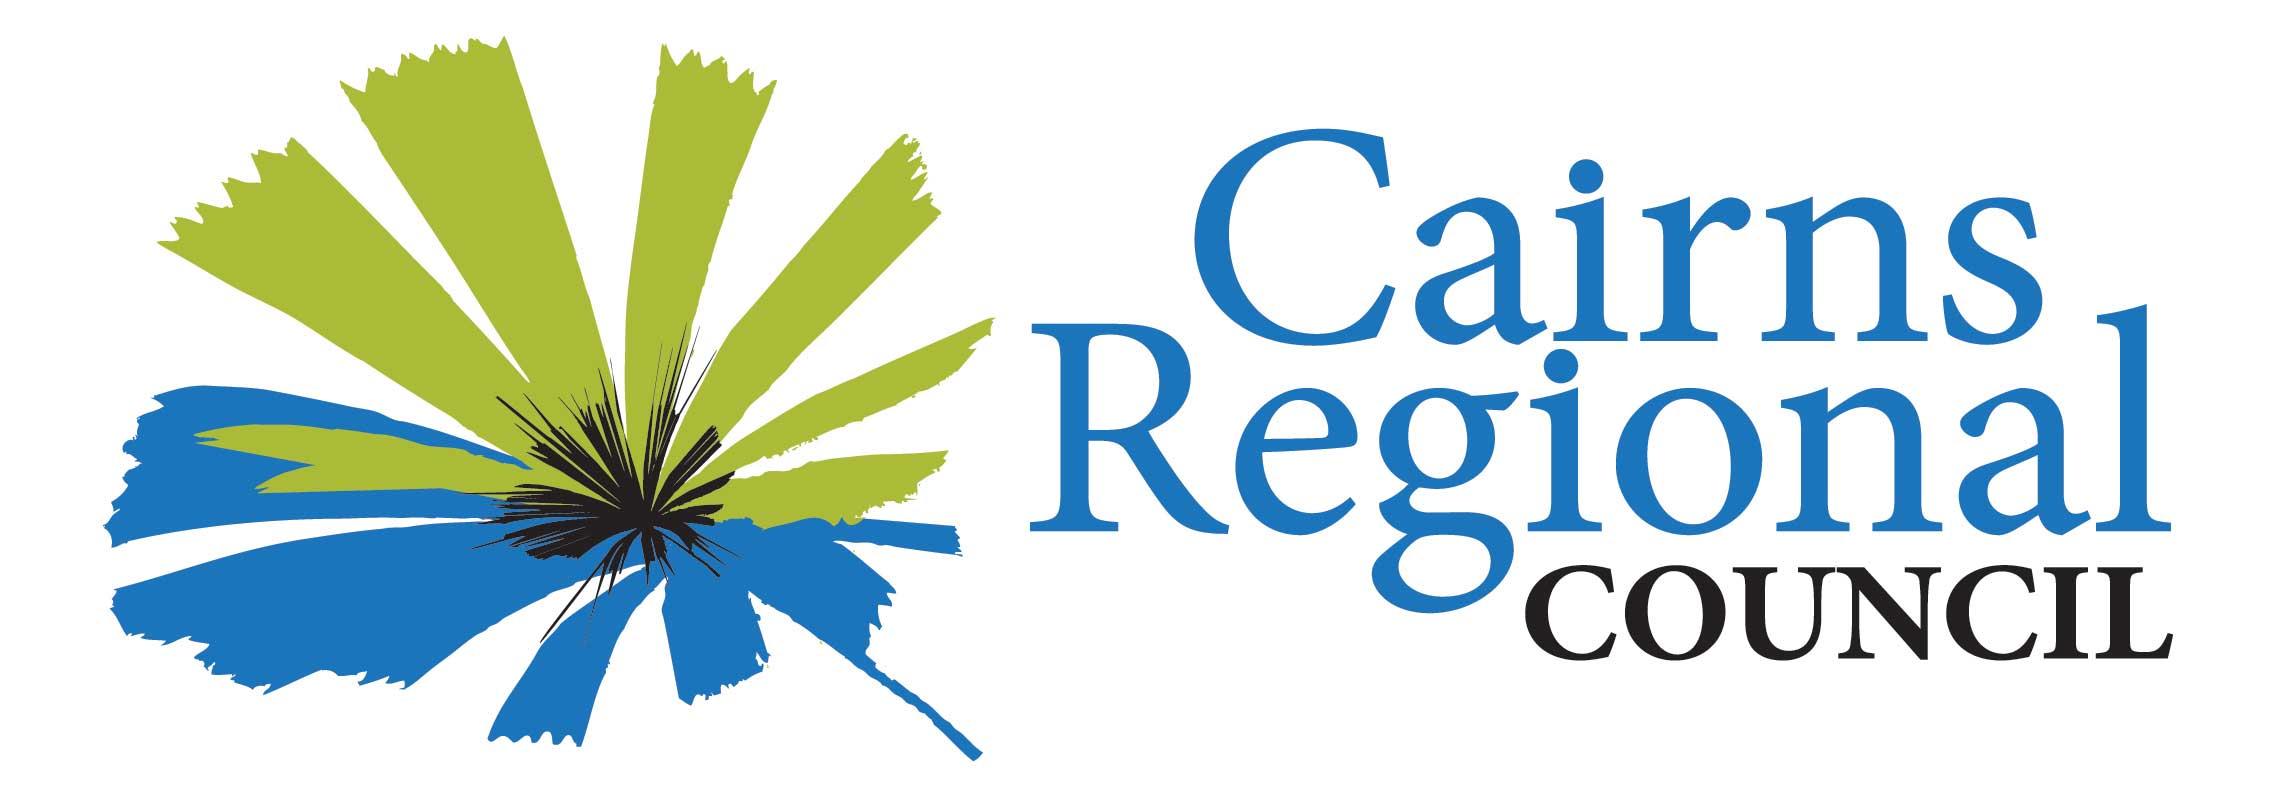 cairns-regional-council-logo.jpg